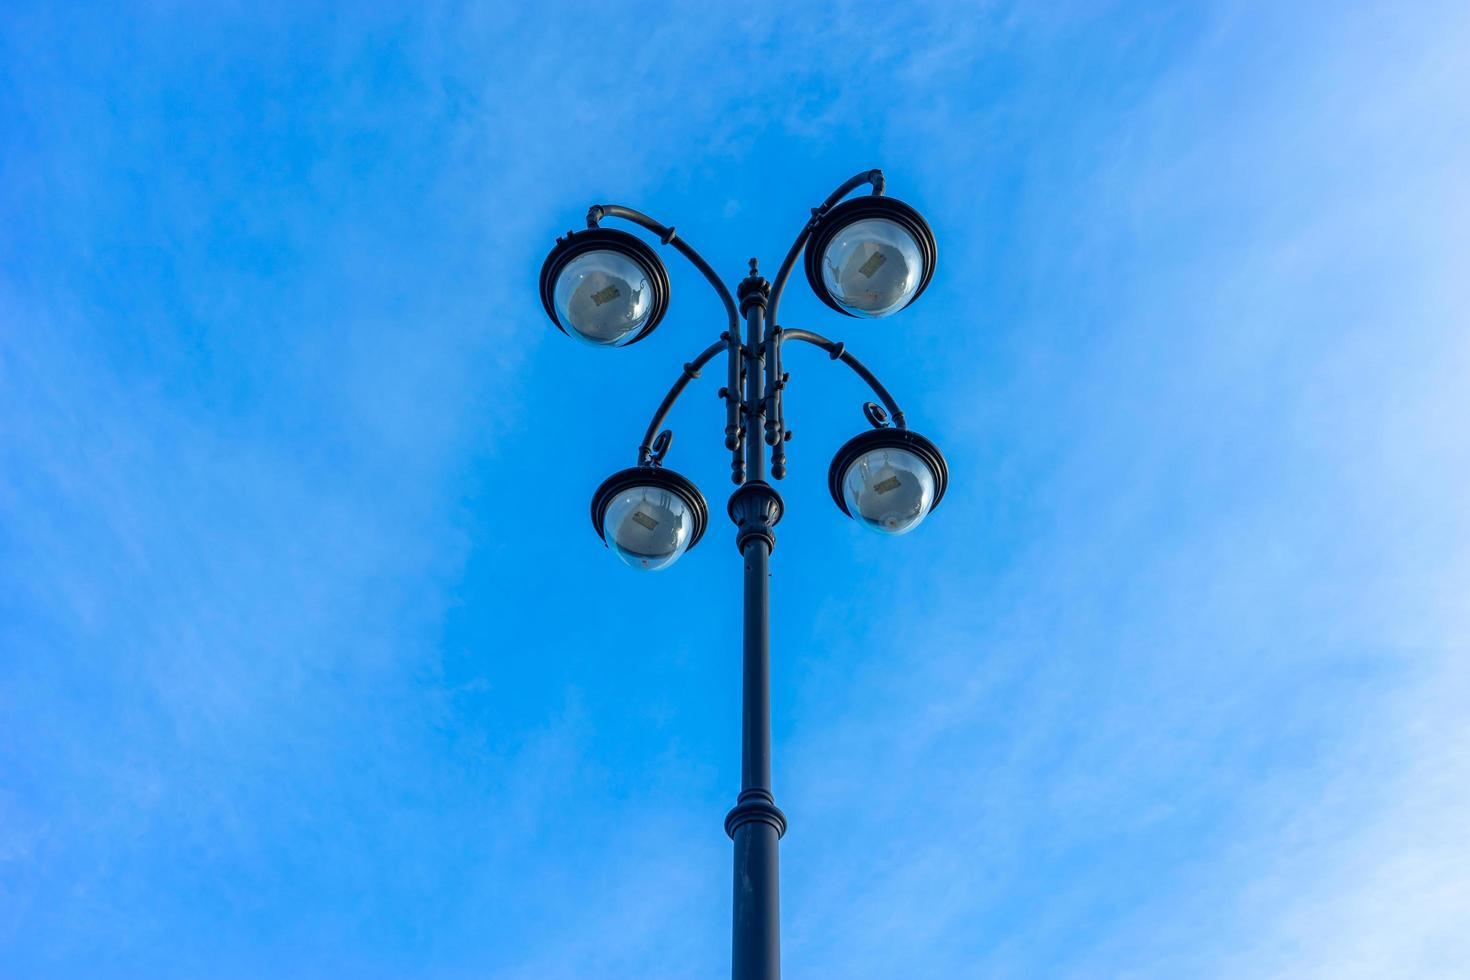 schöne Straßenlaterne auf blauem Himmel Hintergrund. foto